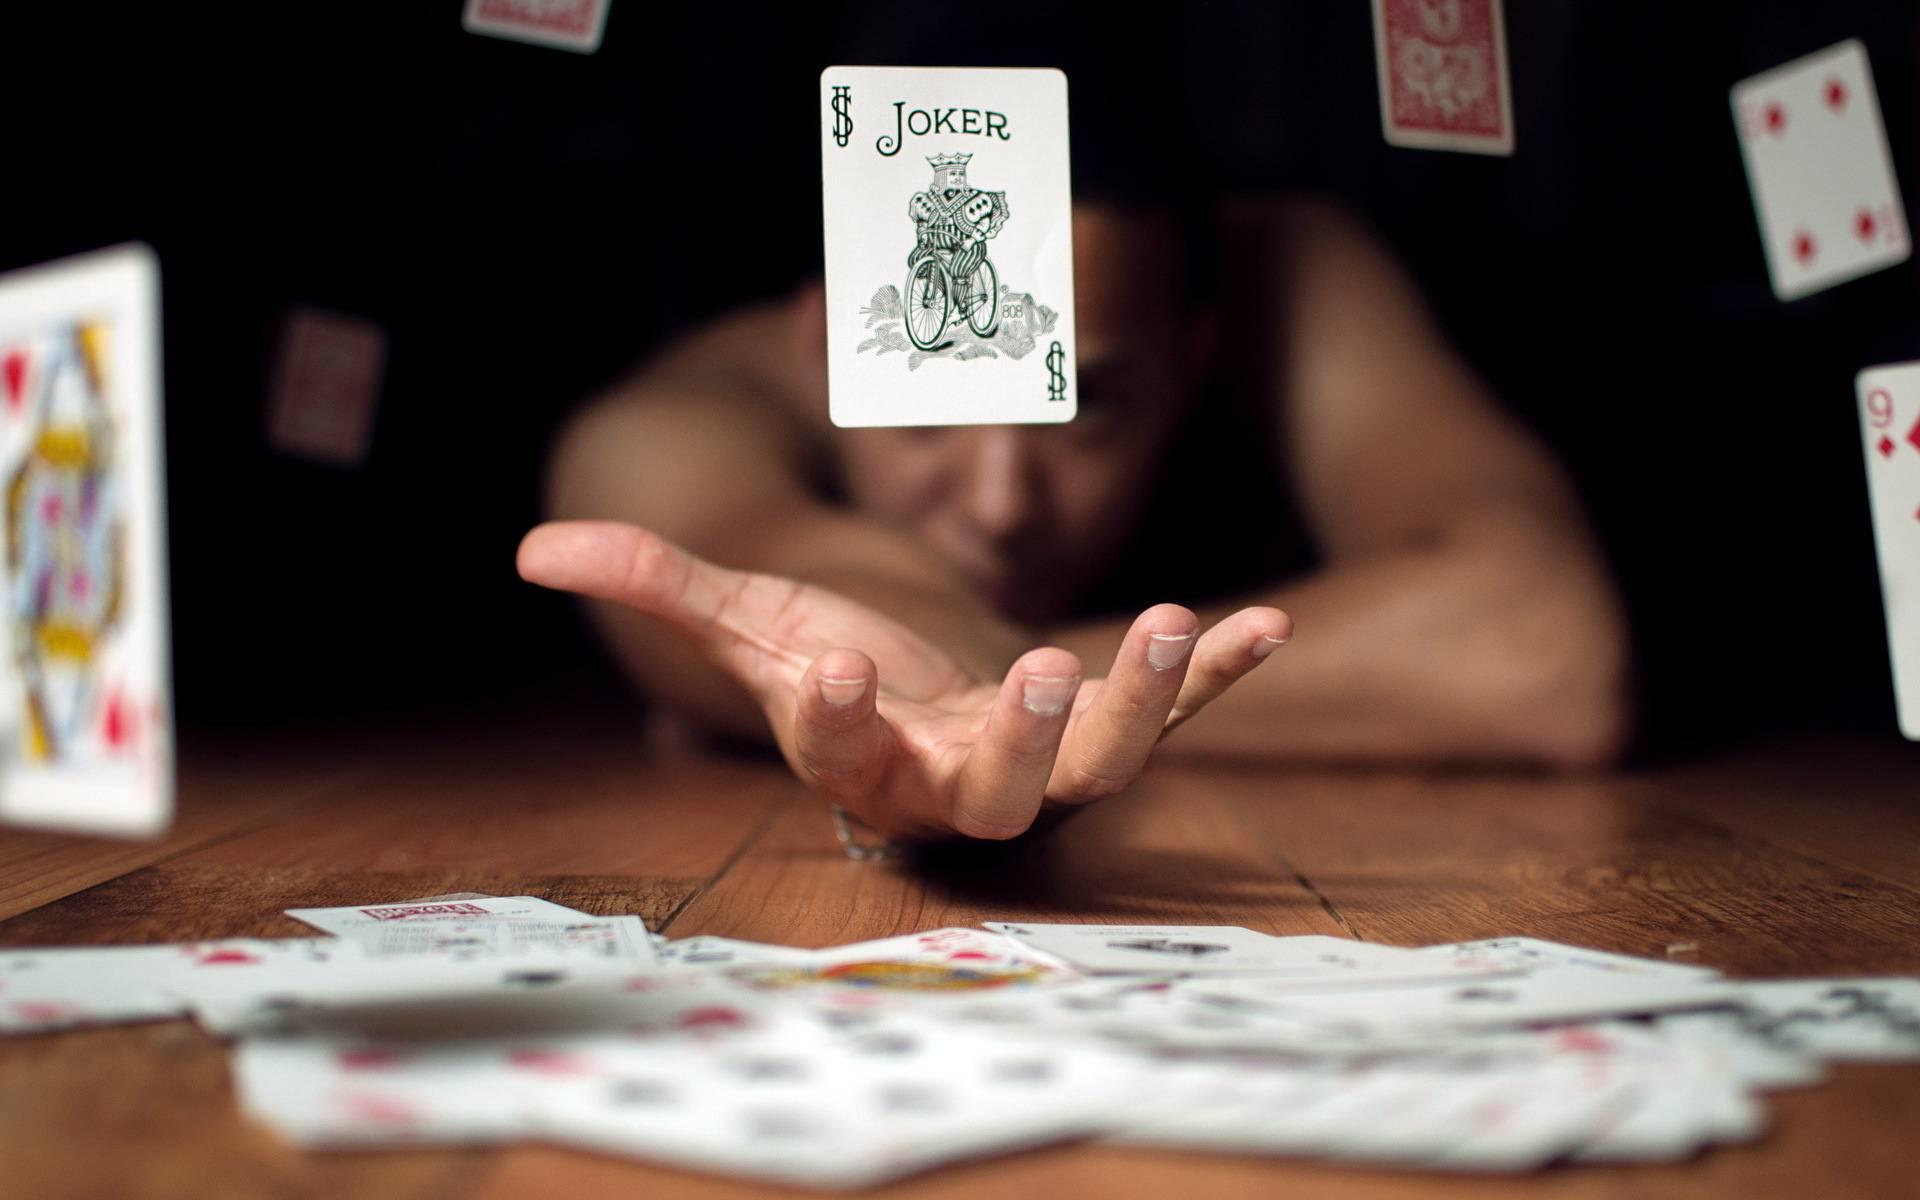 обои joker, карты, стол, мужчина картинки фото